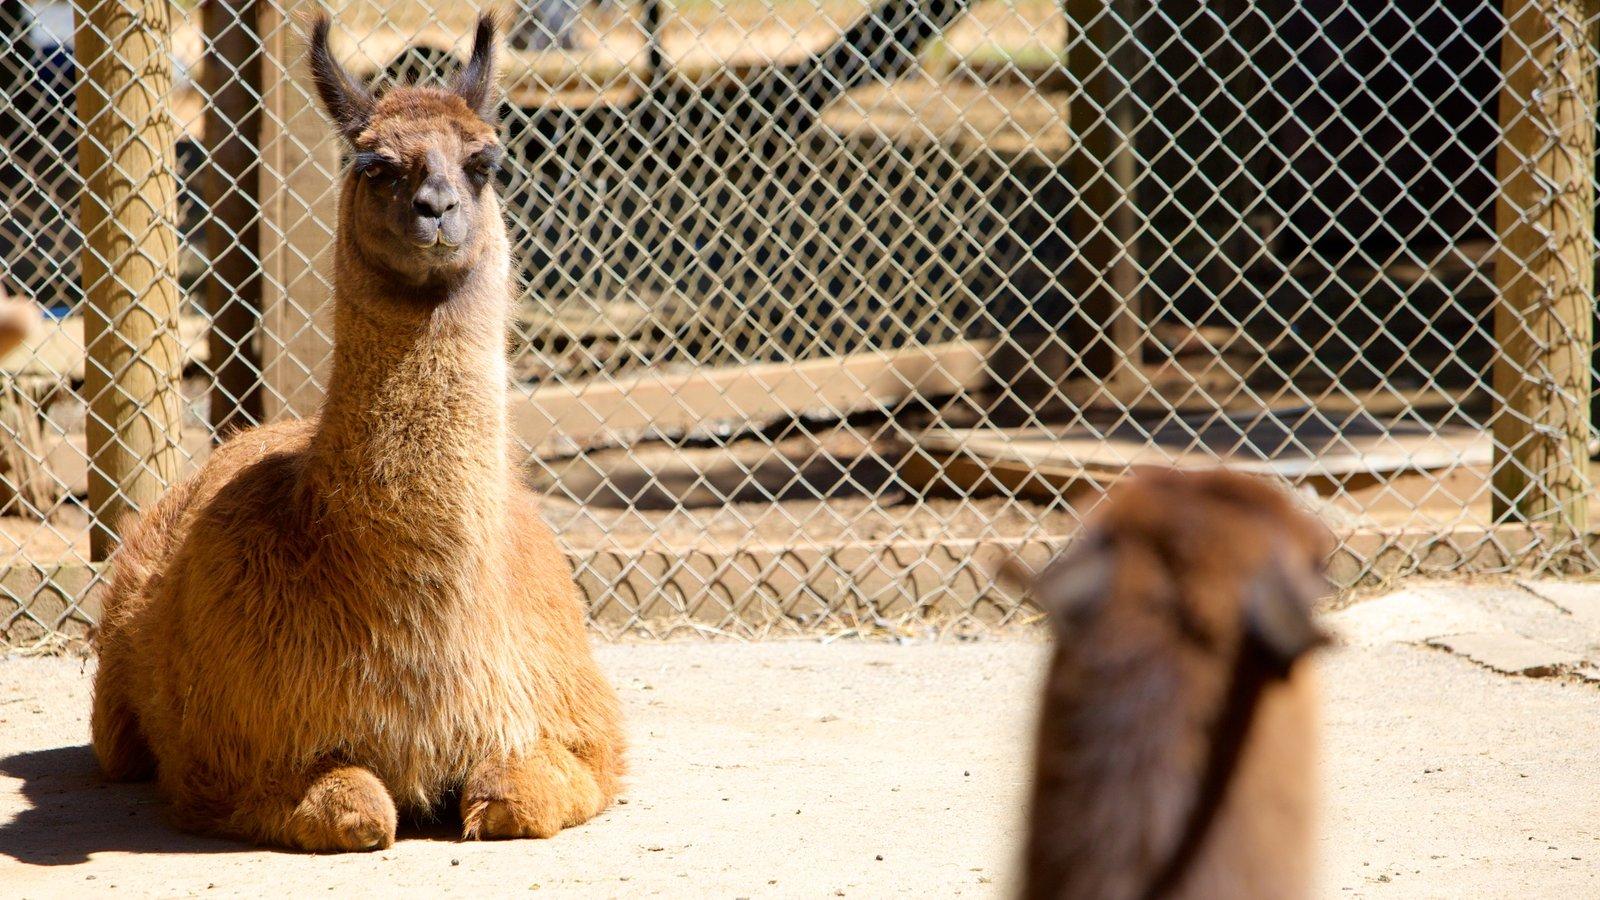 West Coast Game Park Safari que inclui animais de zoológico e animais terrestres